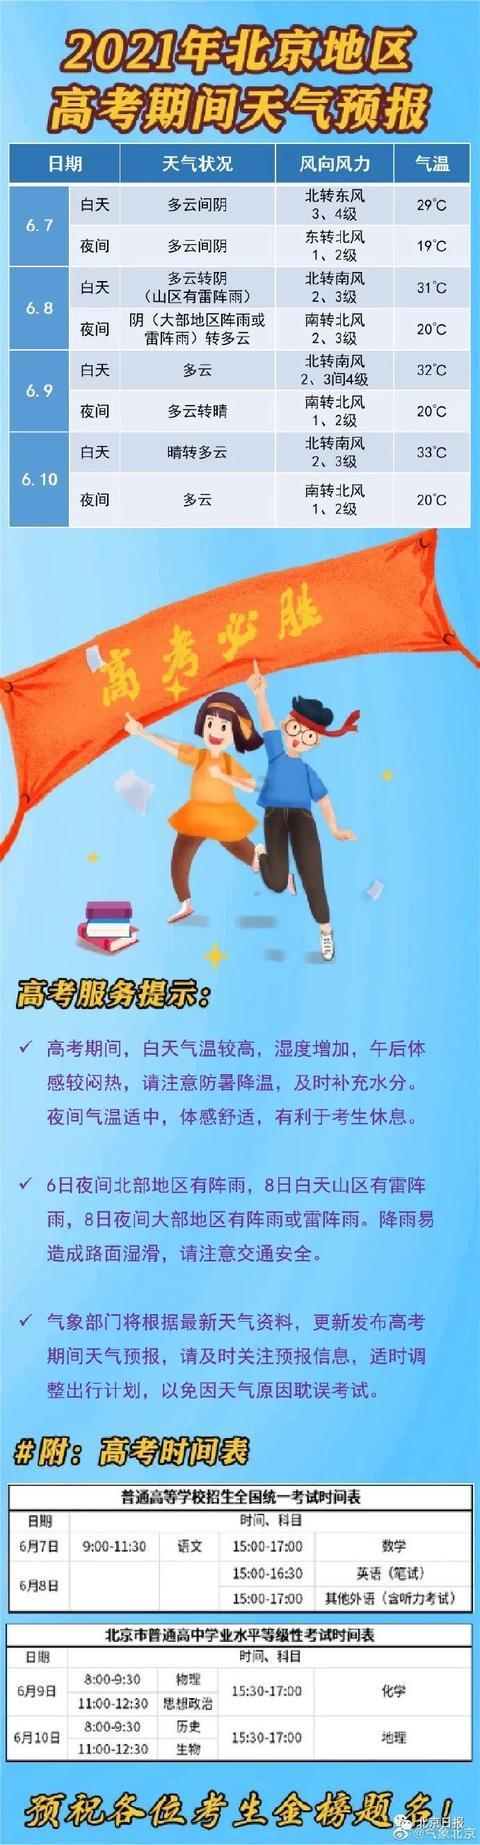 带伞!北京大部分地区今夜或有阵雨,高考天气预报